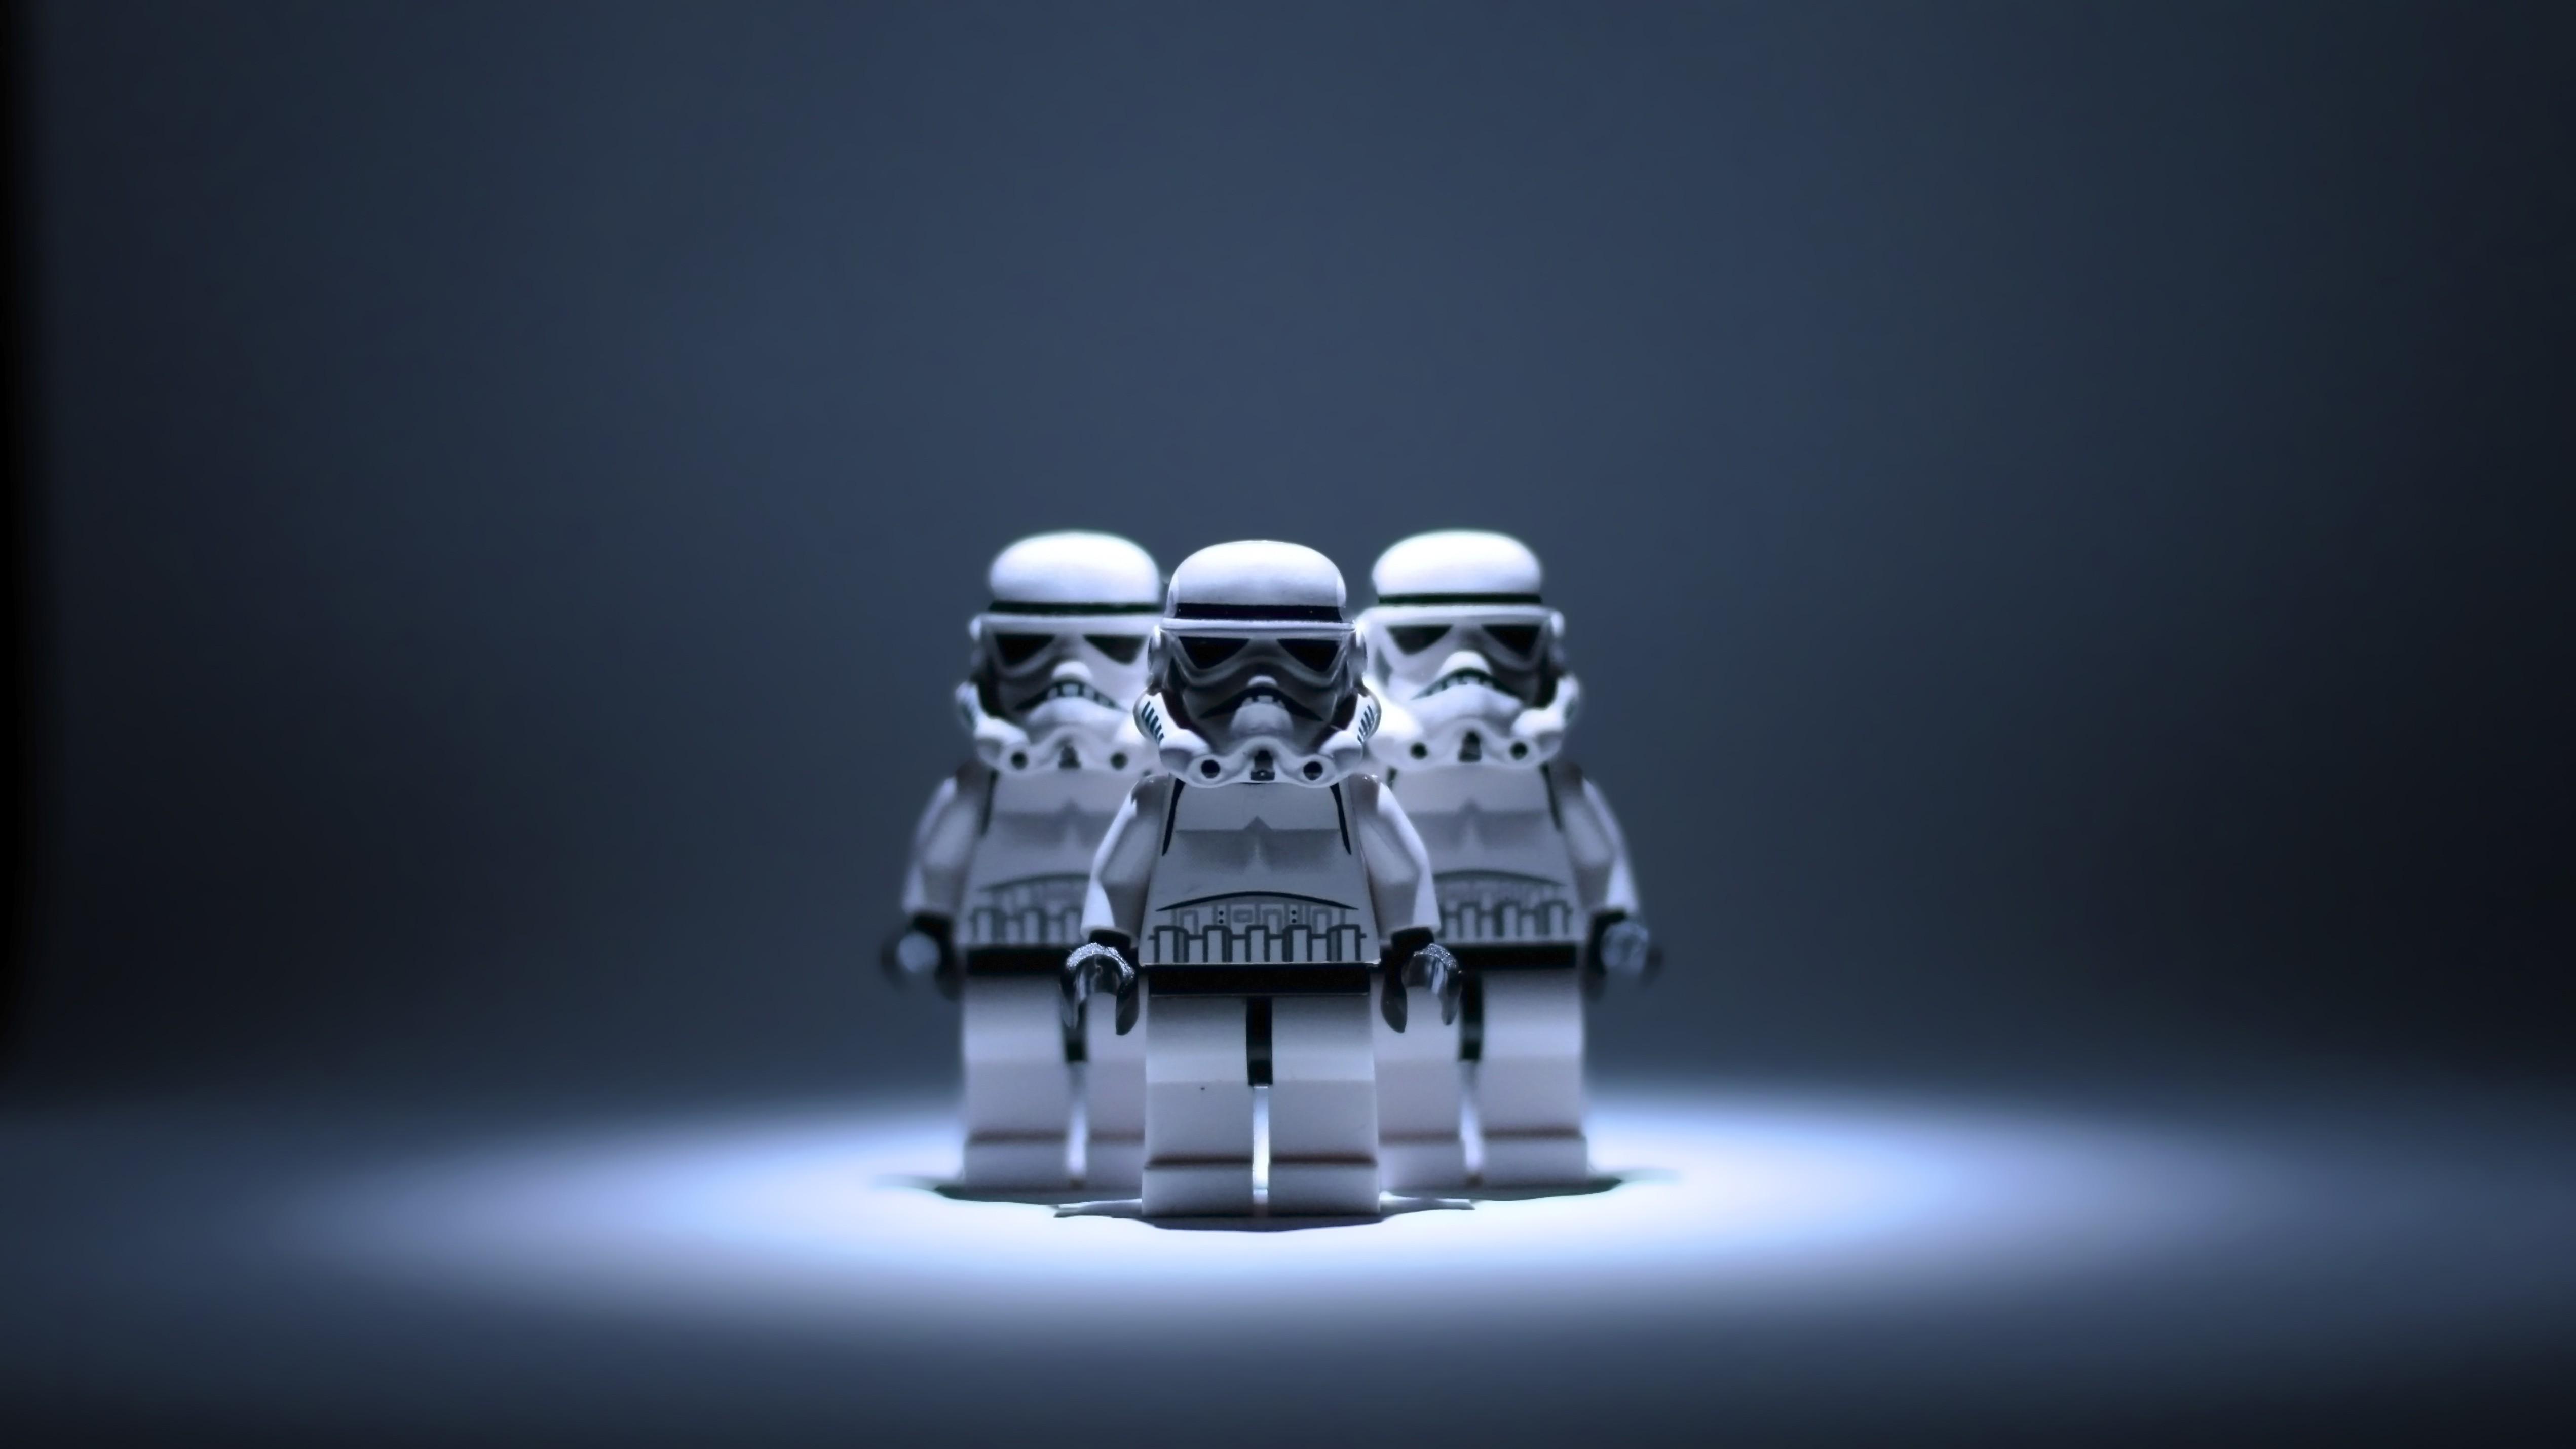 Звездные войны лего штурмовика - скачать обои на рабочий сто.